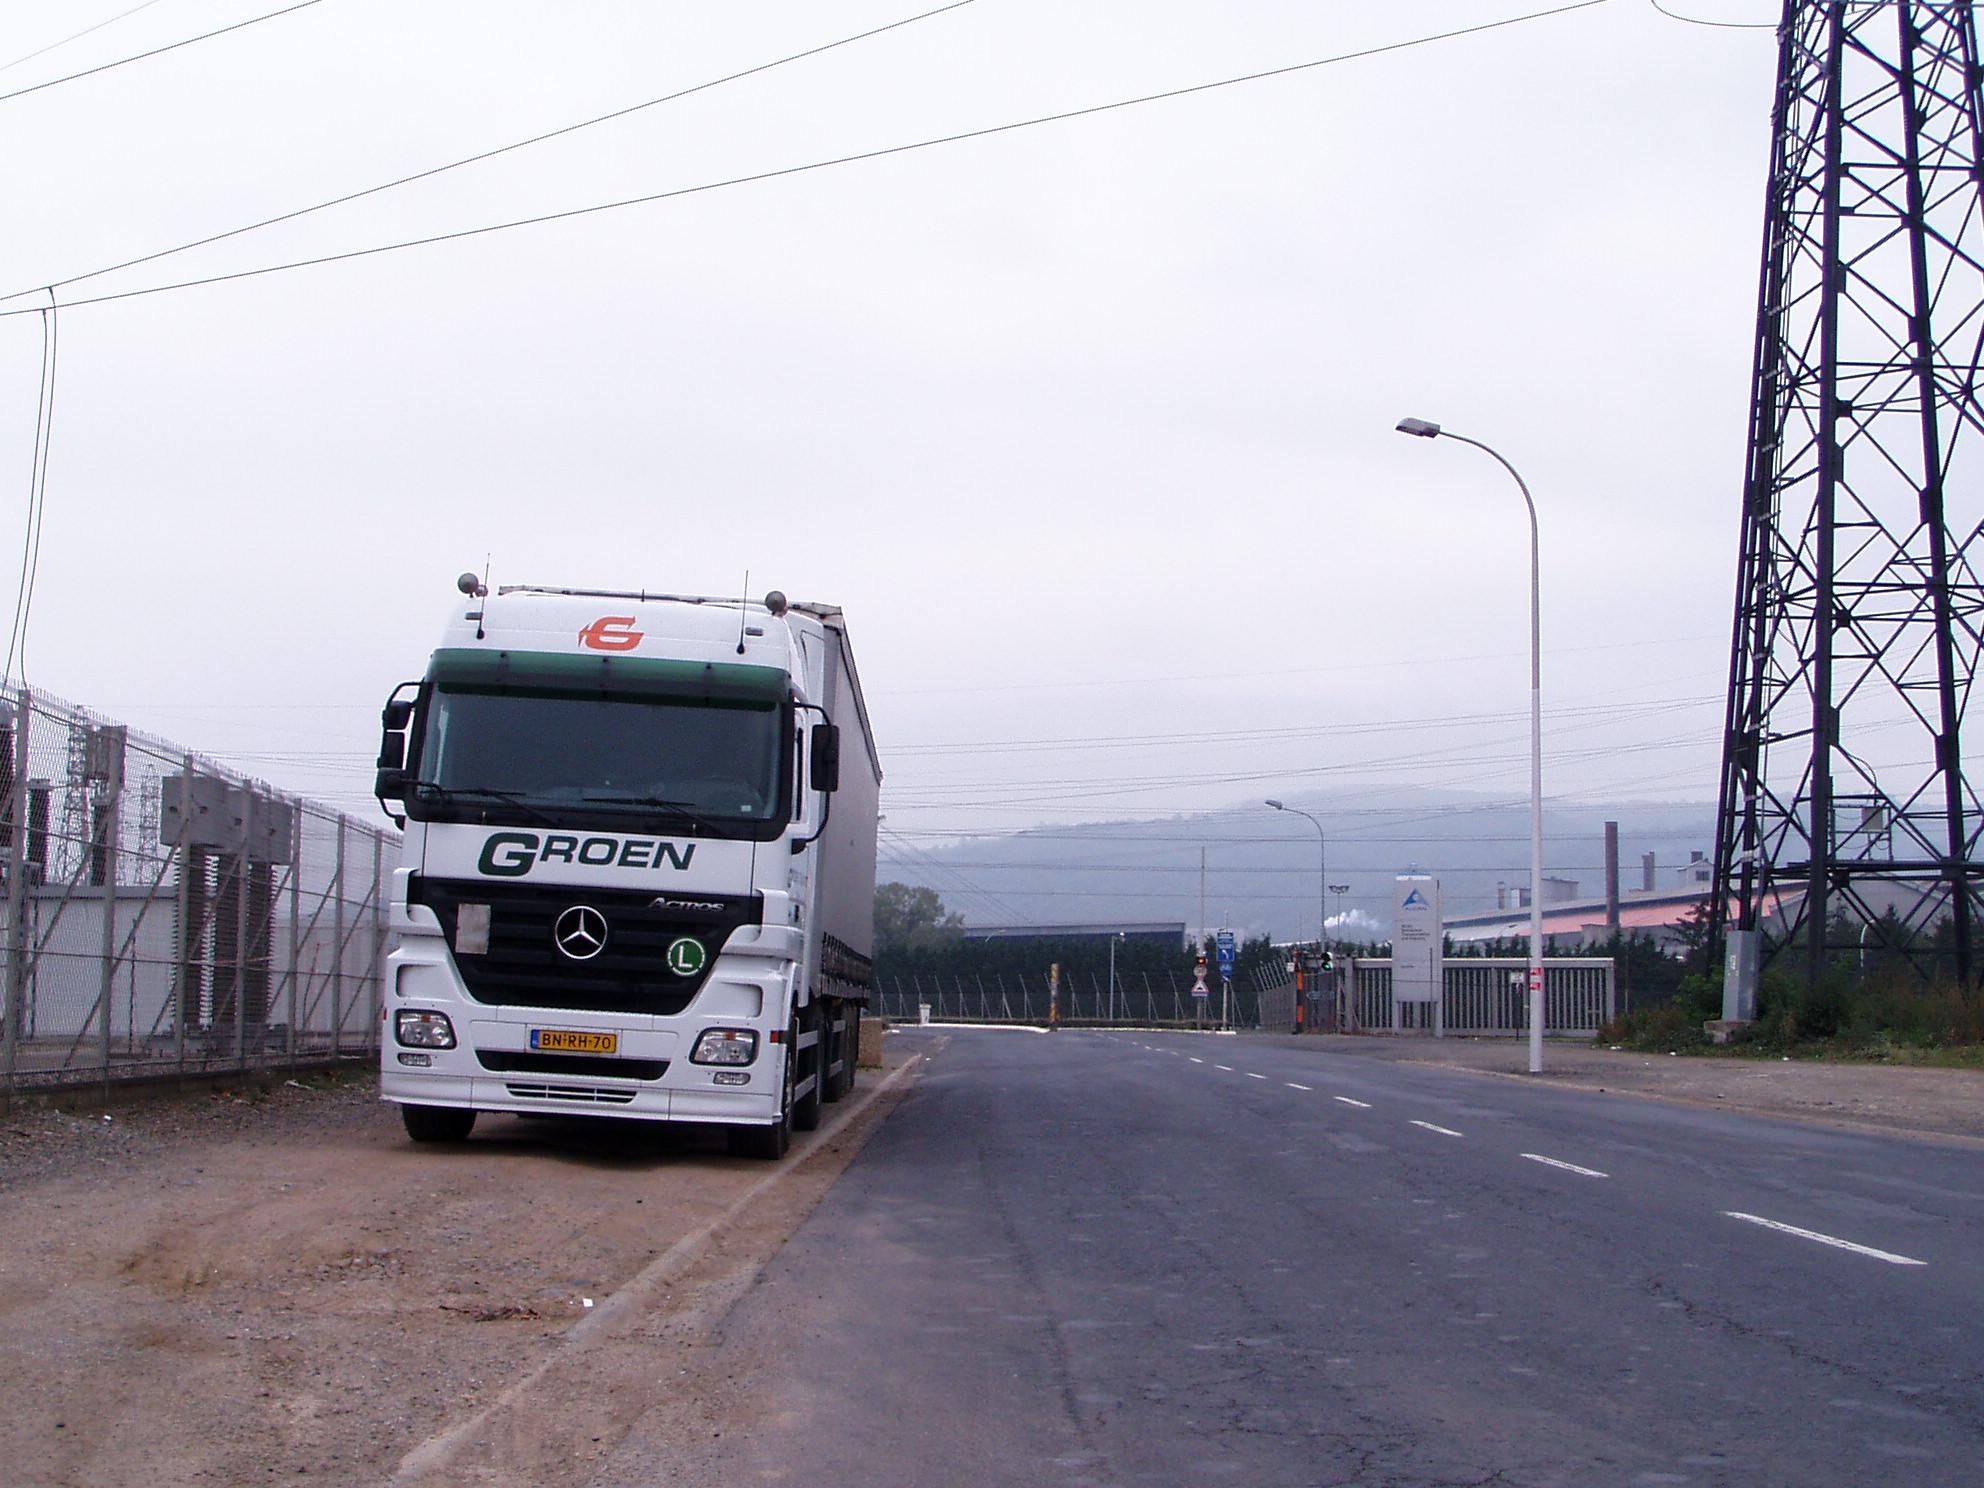 Groen-transport-heeft-de-wagen-verhuurd-aan-Lucas-in-Raamdonksveer-met-chauffeur-Ger-van-Vlimmeren--2007--(2)